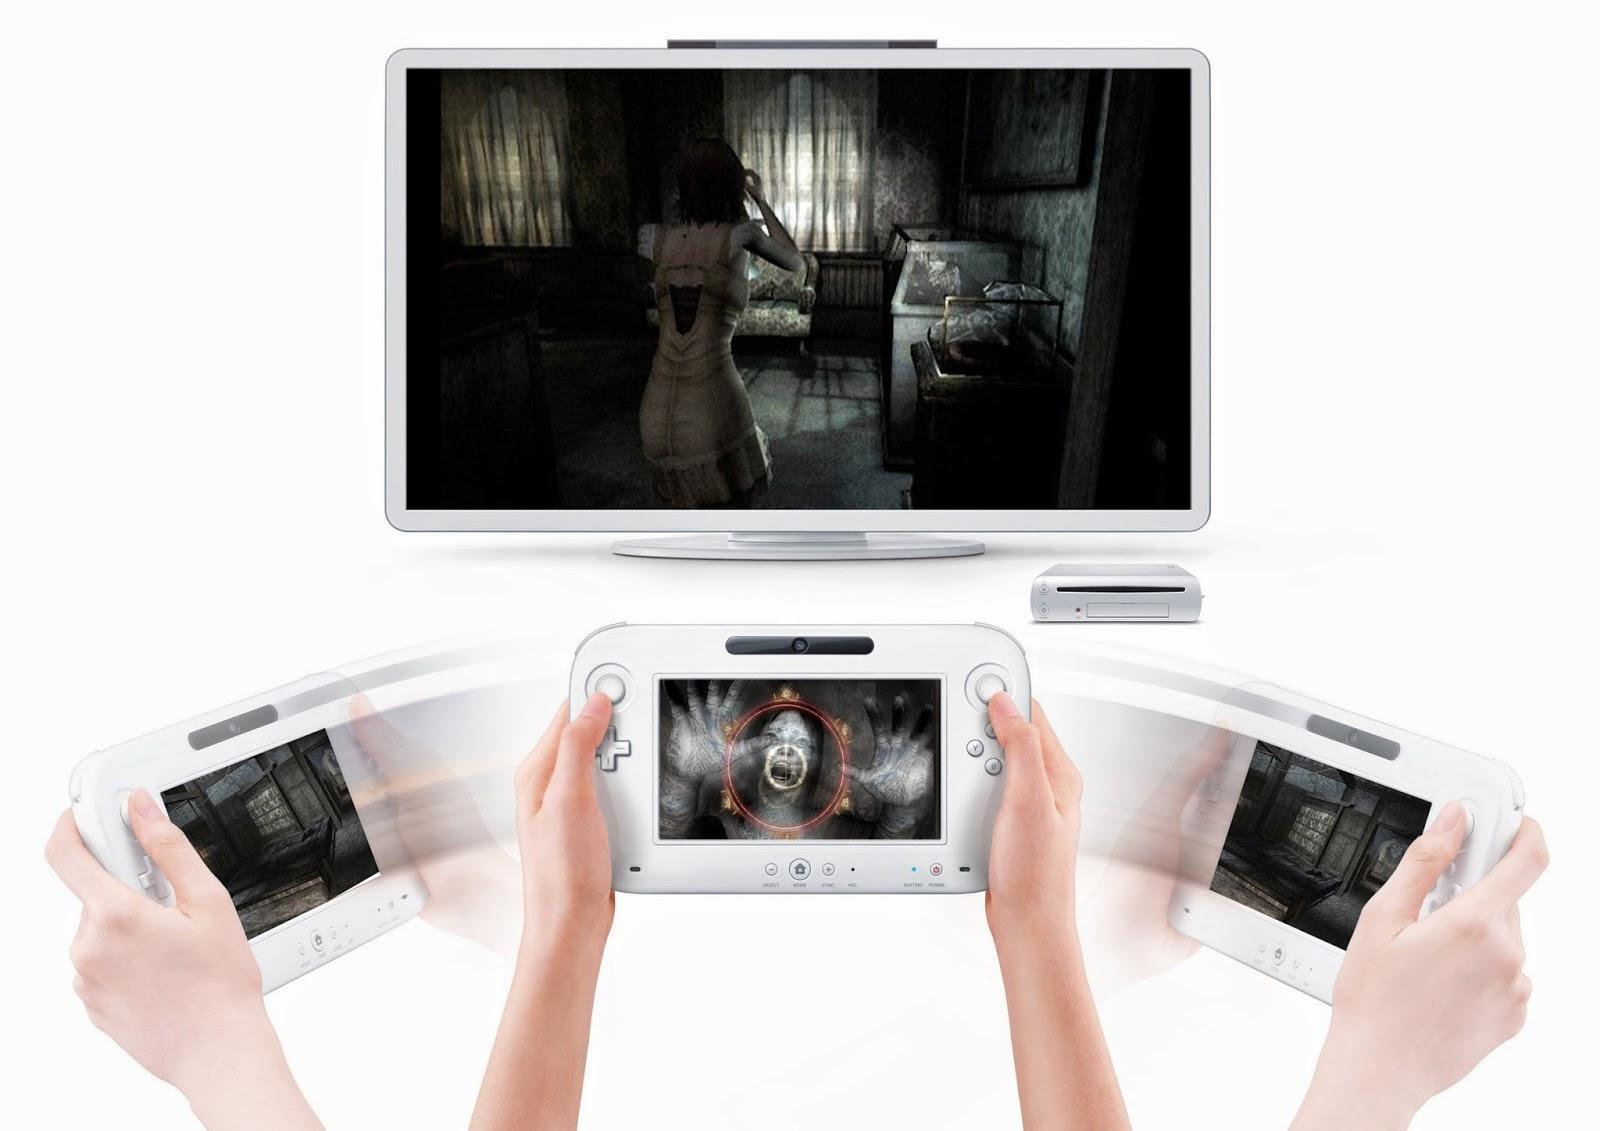 NintenGen: New Fatal Frame announced for Wii U